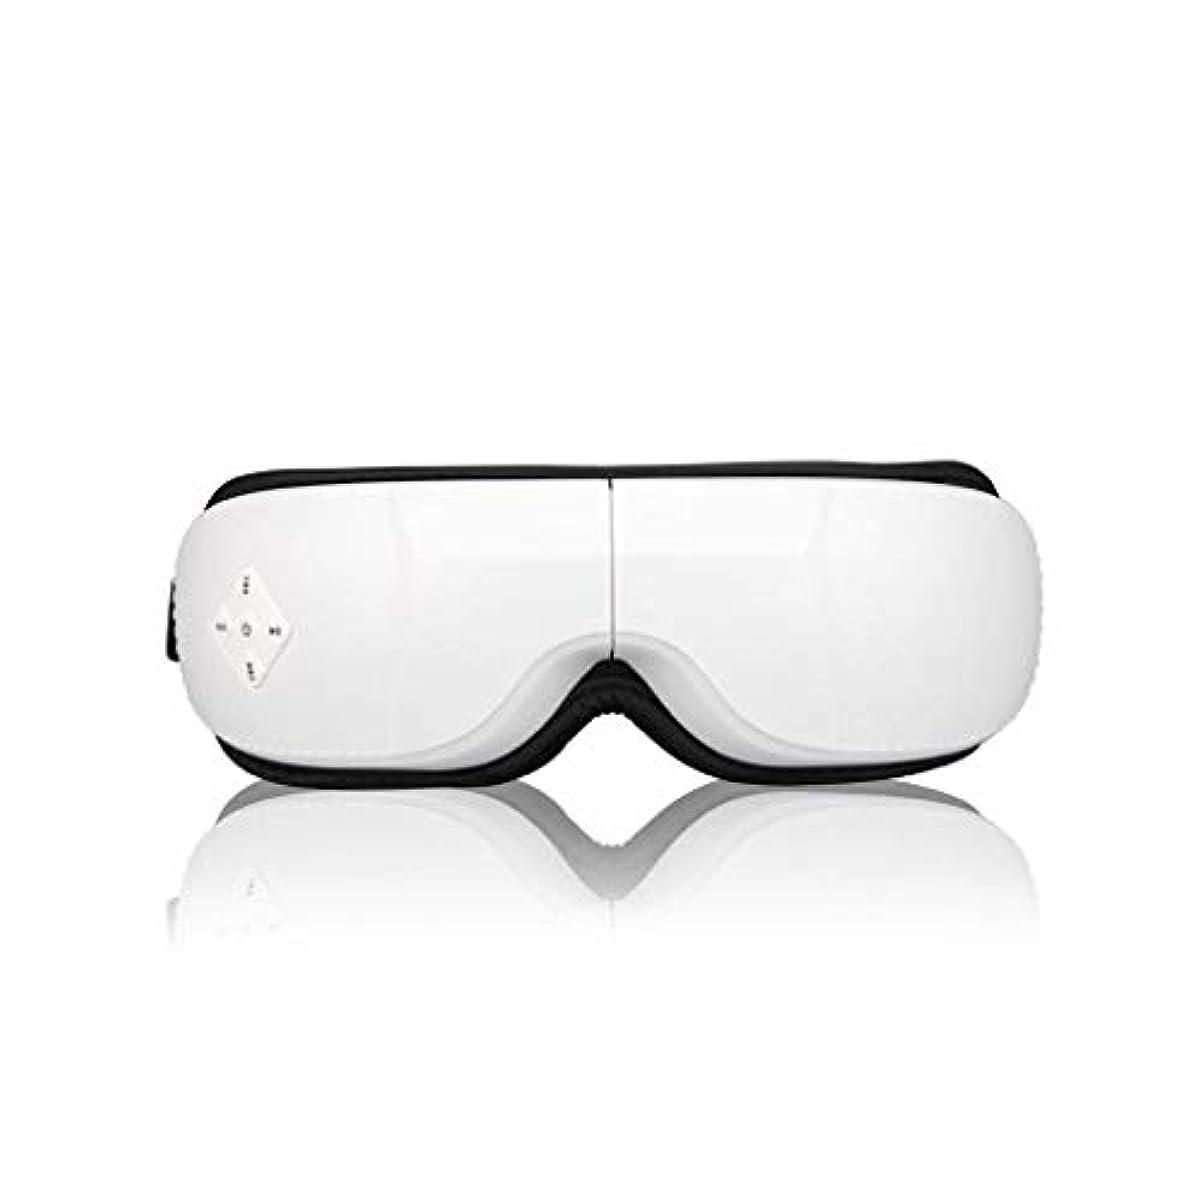 チェスメガロポリスランプ電動アイマスク、アイマッサージャー、折りたたみ式USB充電式スマートデコンプレッションマシン、ワイヤレスBluetoothポータブル、目の疲れを和らげる、ダークサークル、アイバッグ、美容機器